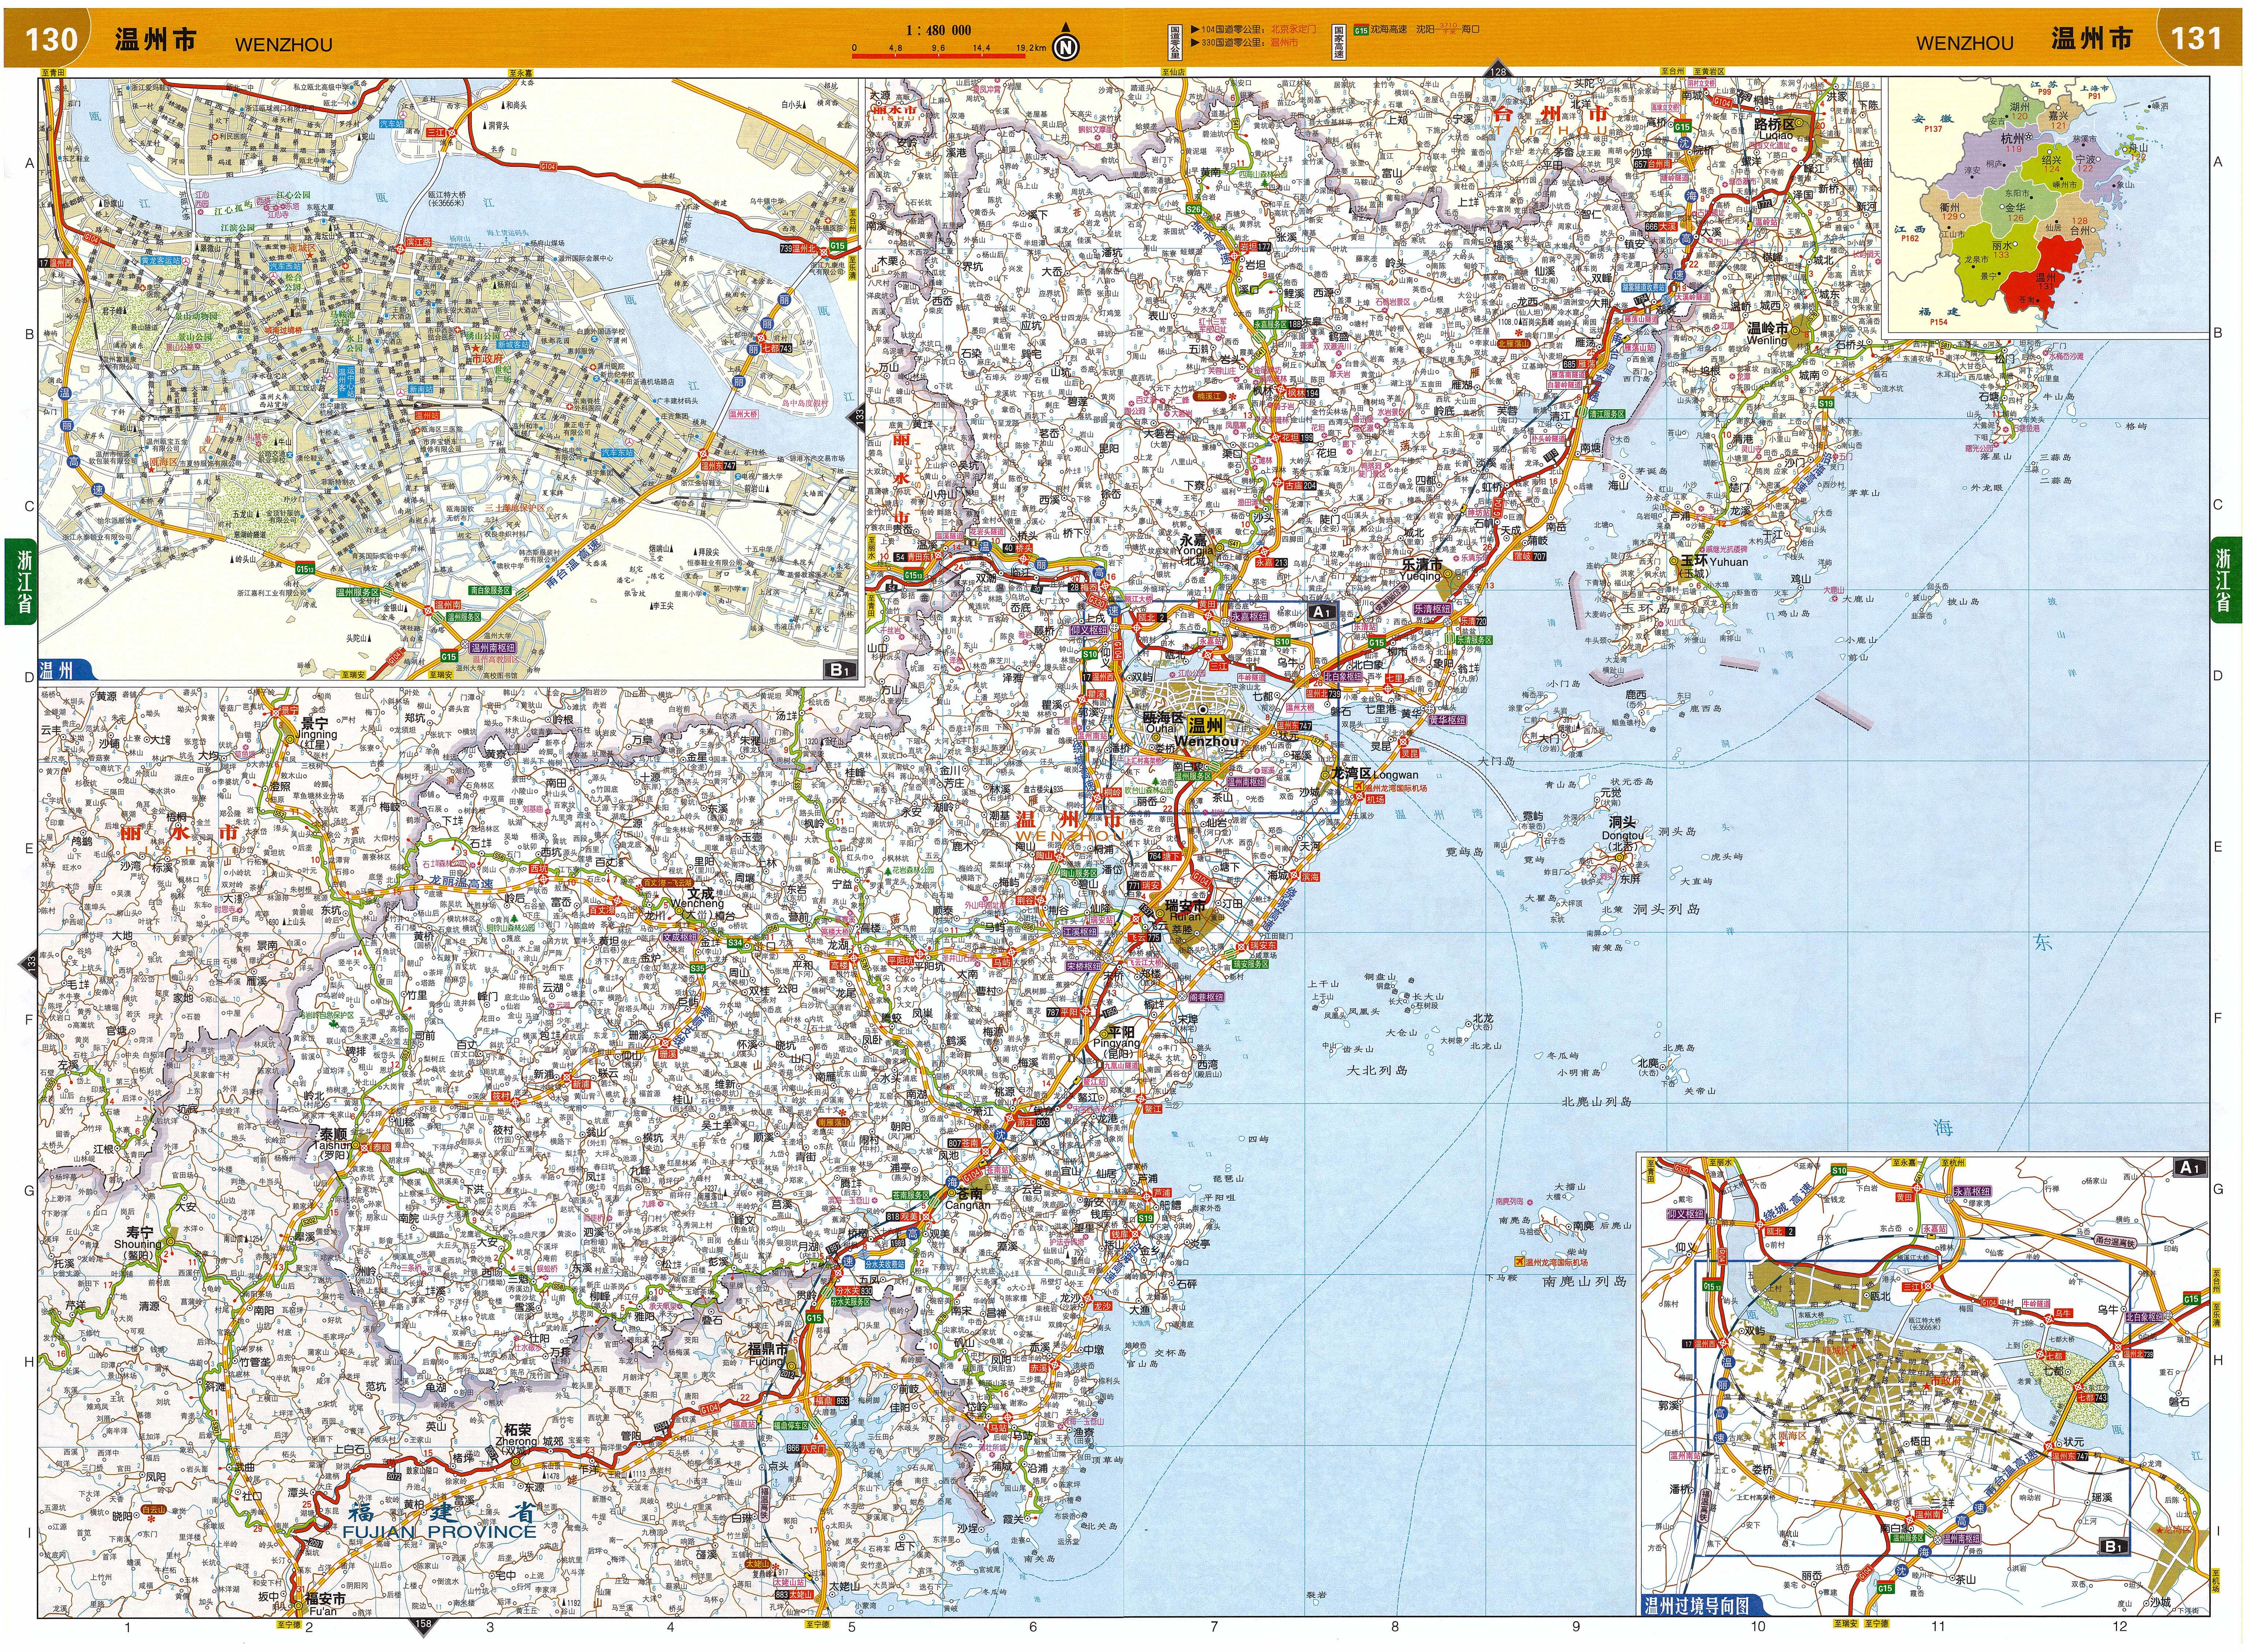 温州市交通地图全图高清版